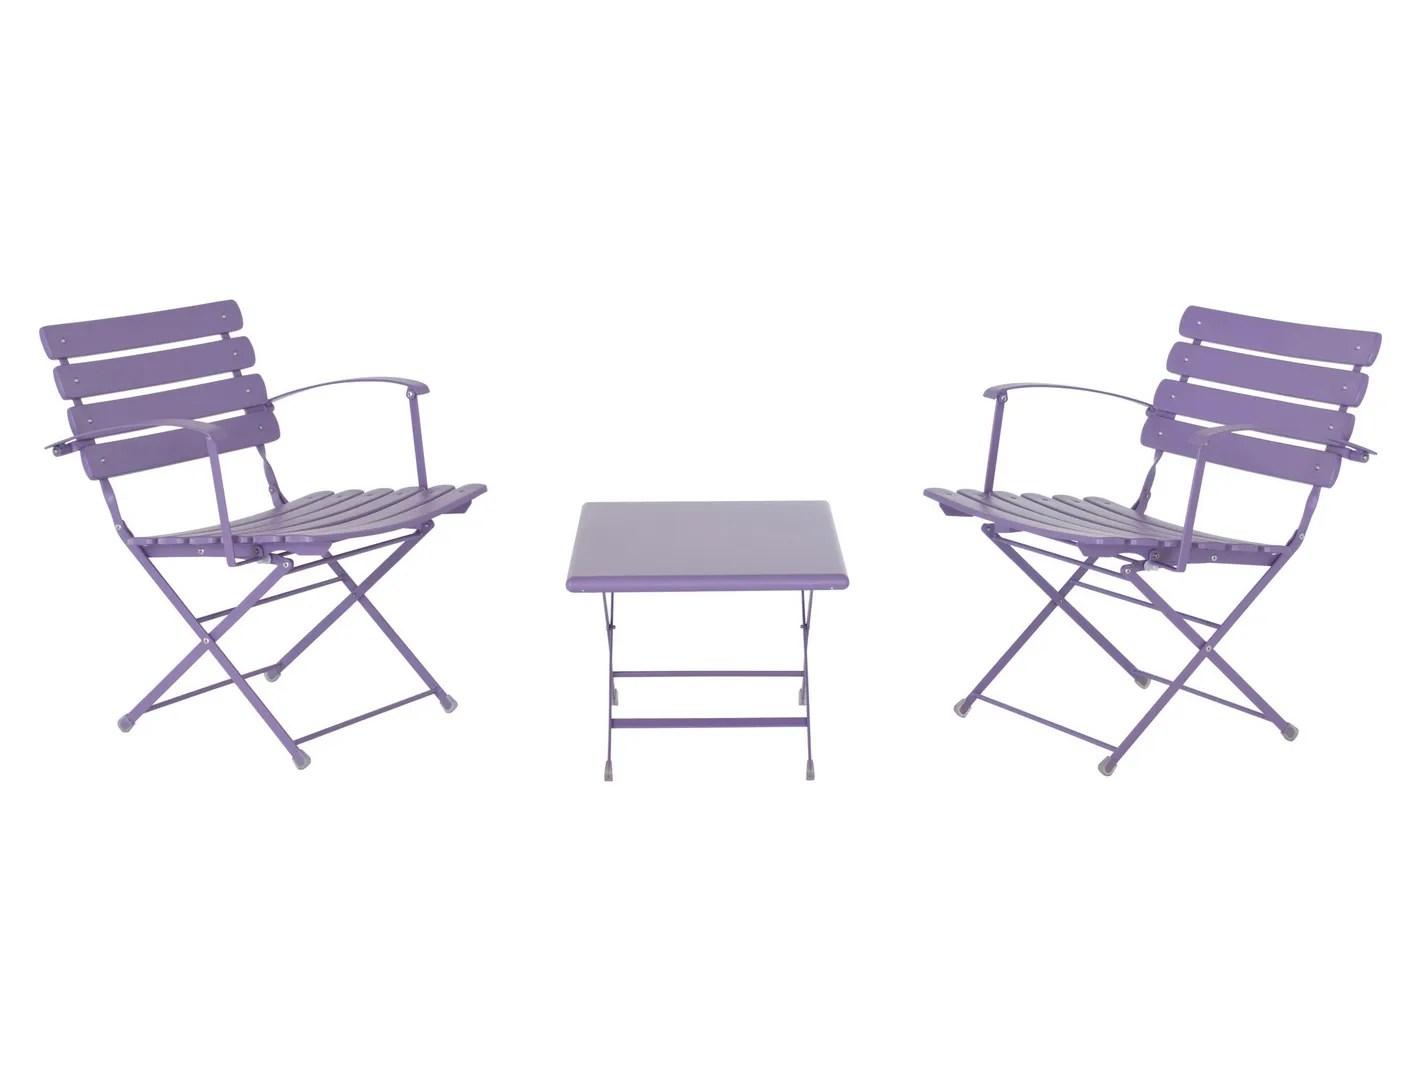 Table Basse Pliante Jardin - Boisholz